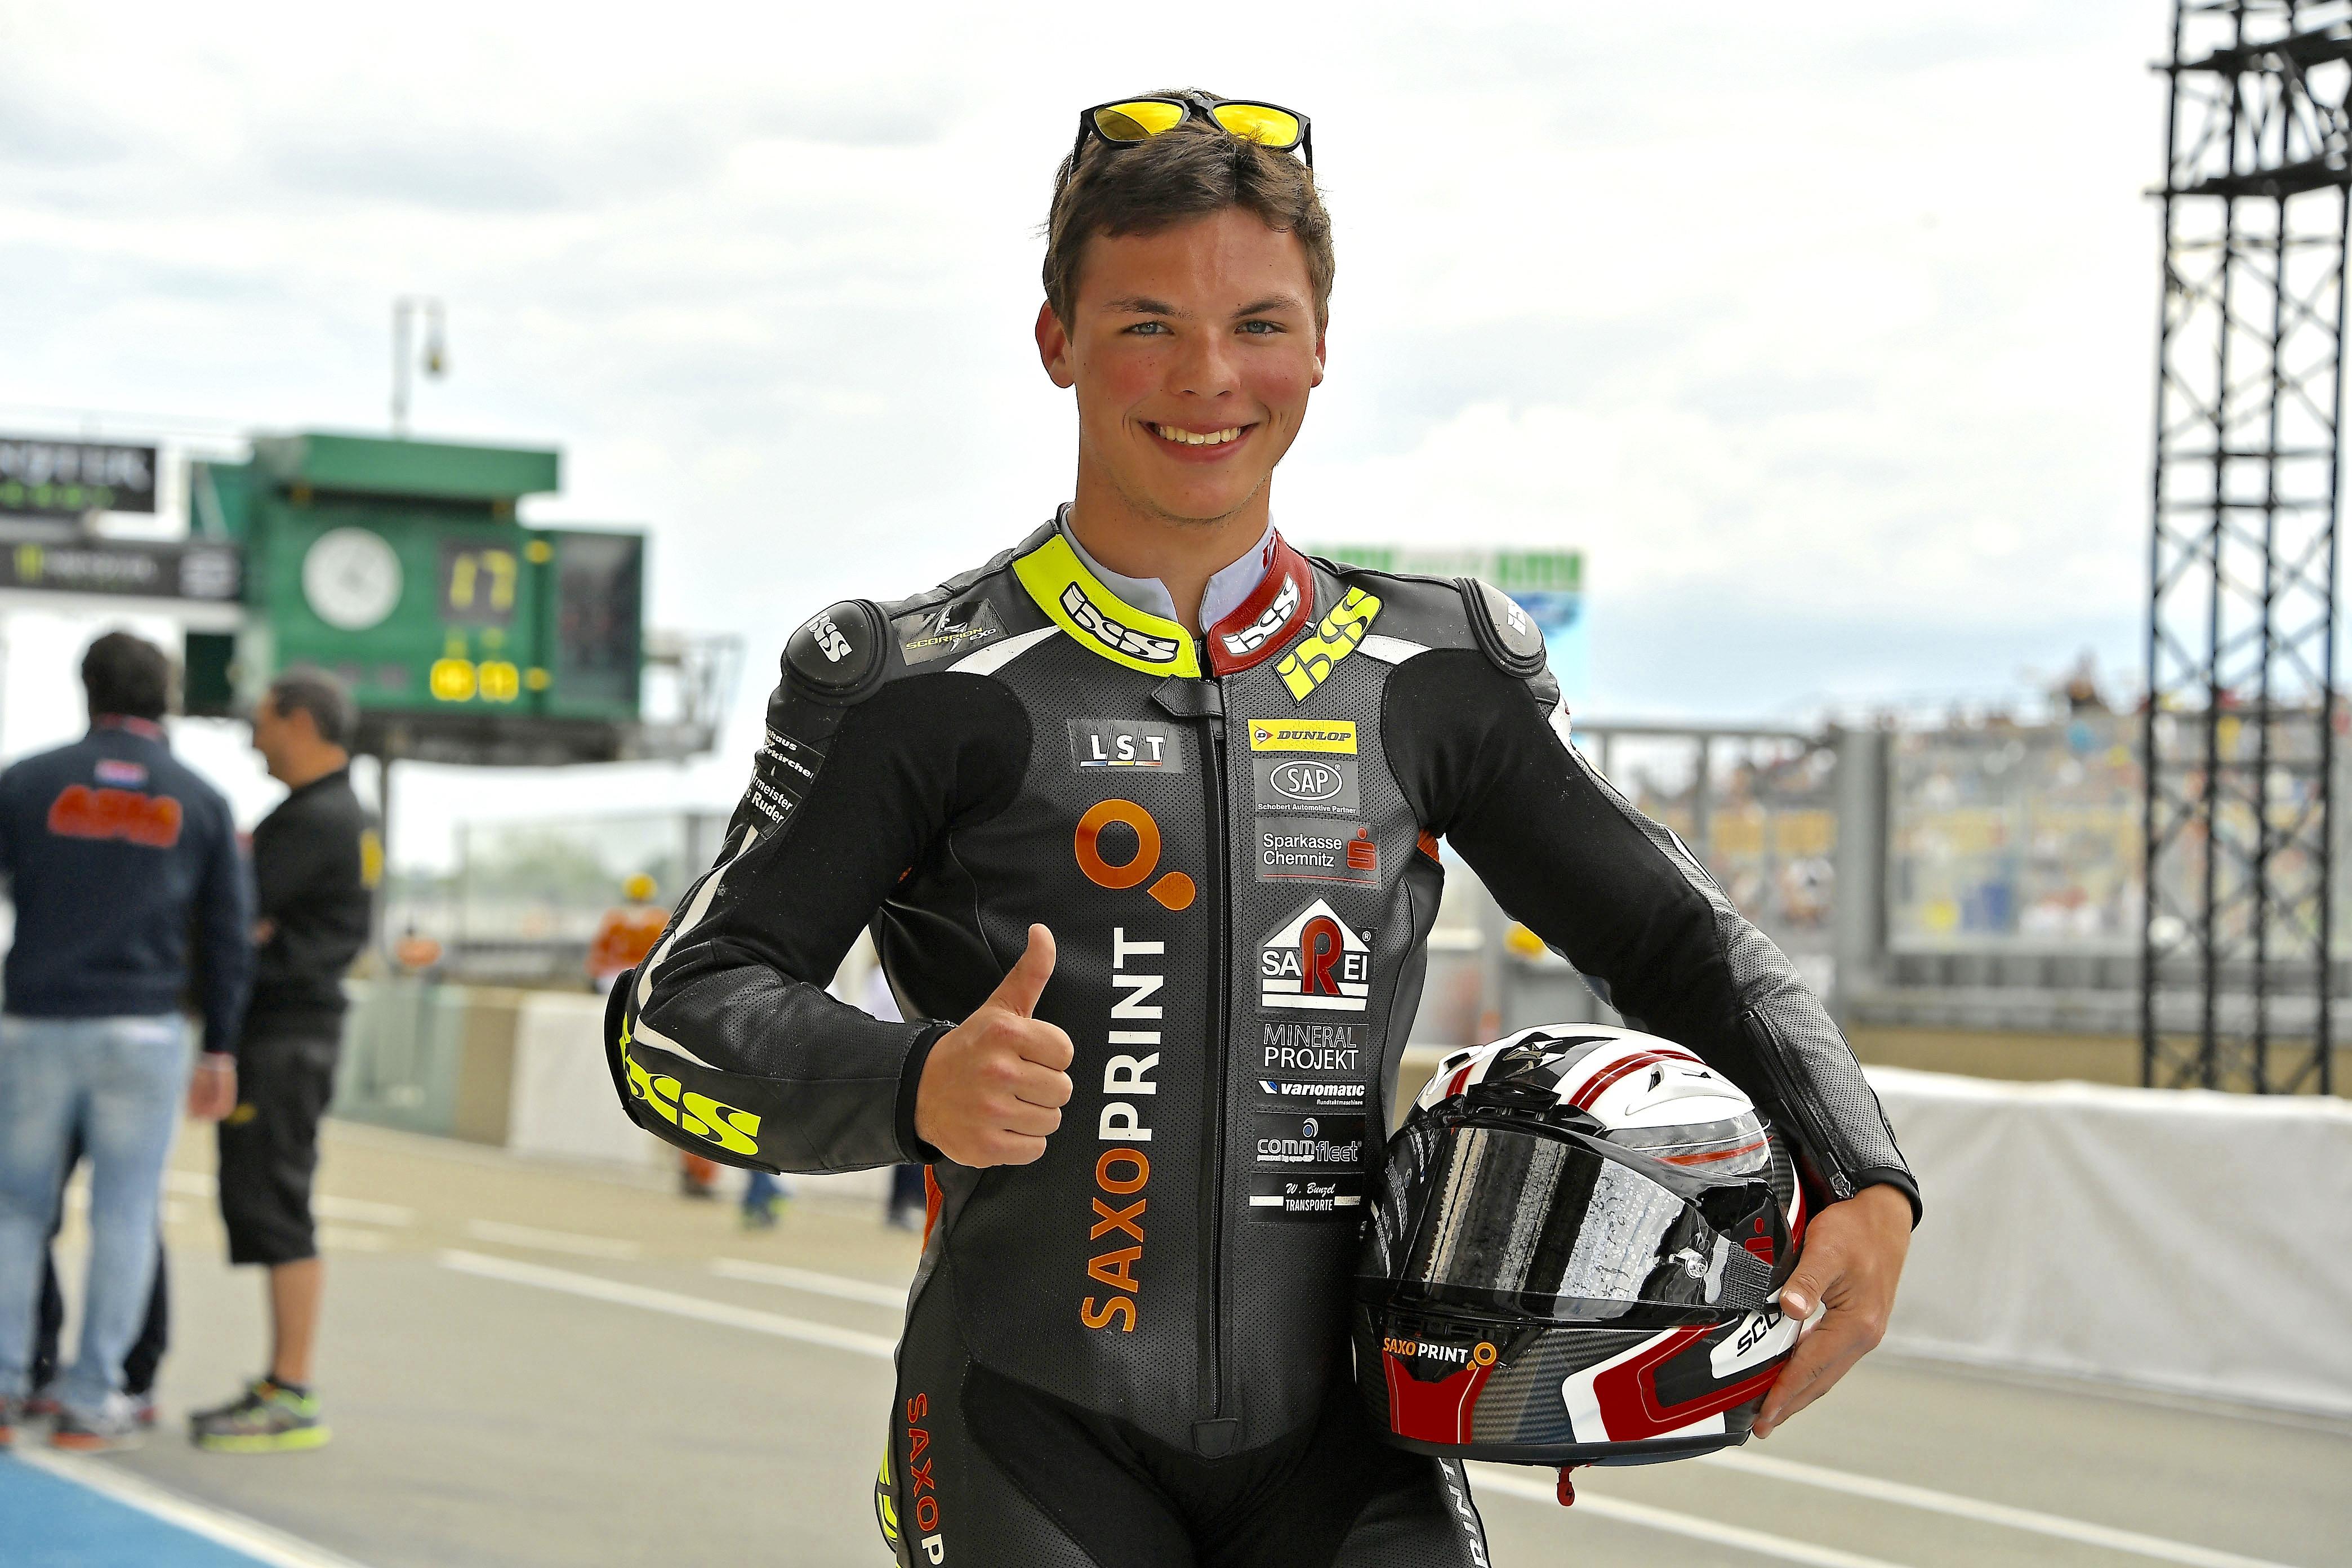 Max Kappler startet auch 2016 mit einer Wildcard am Sachsenring.